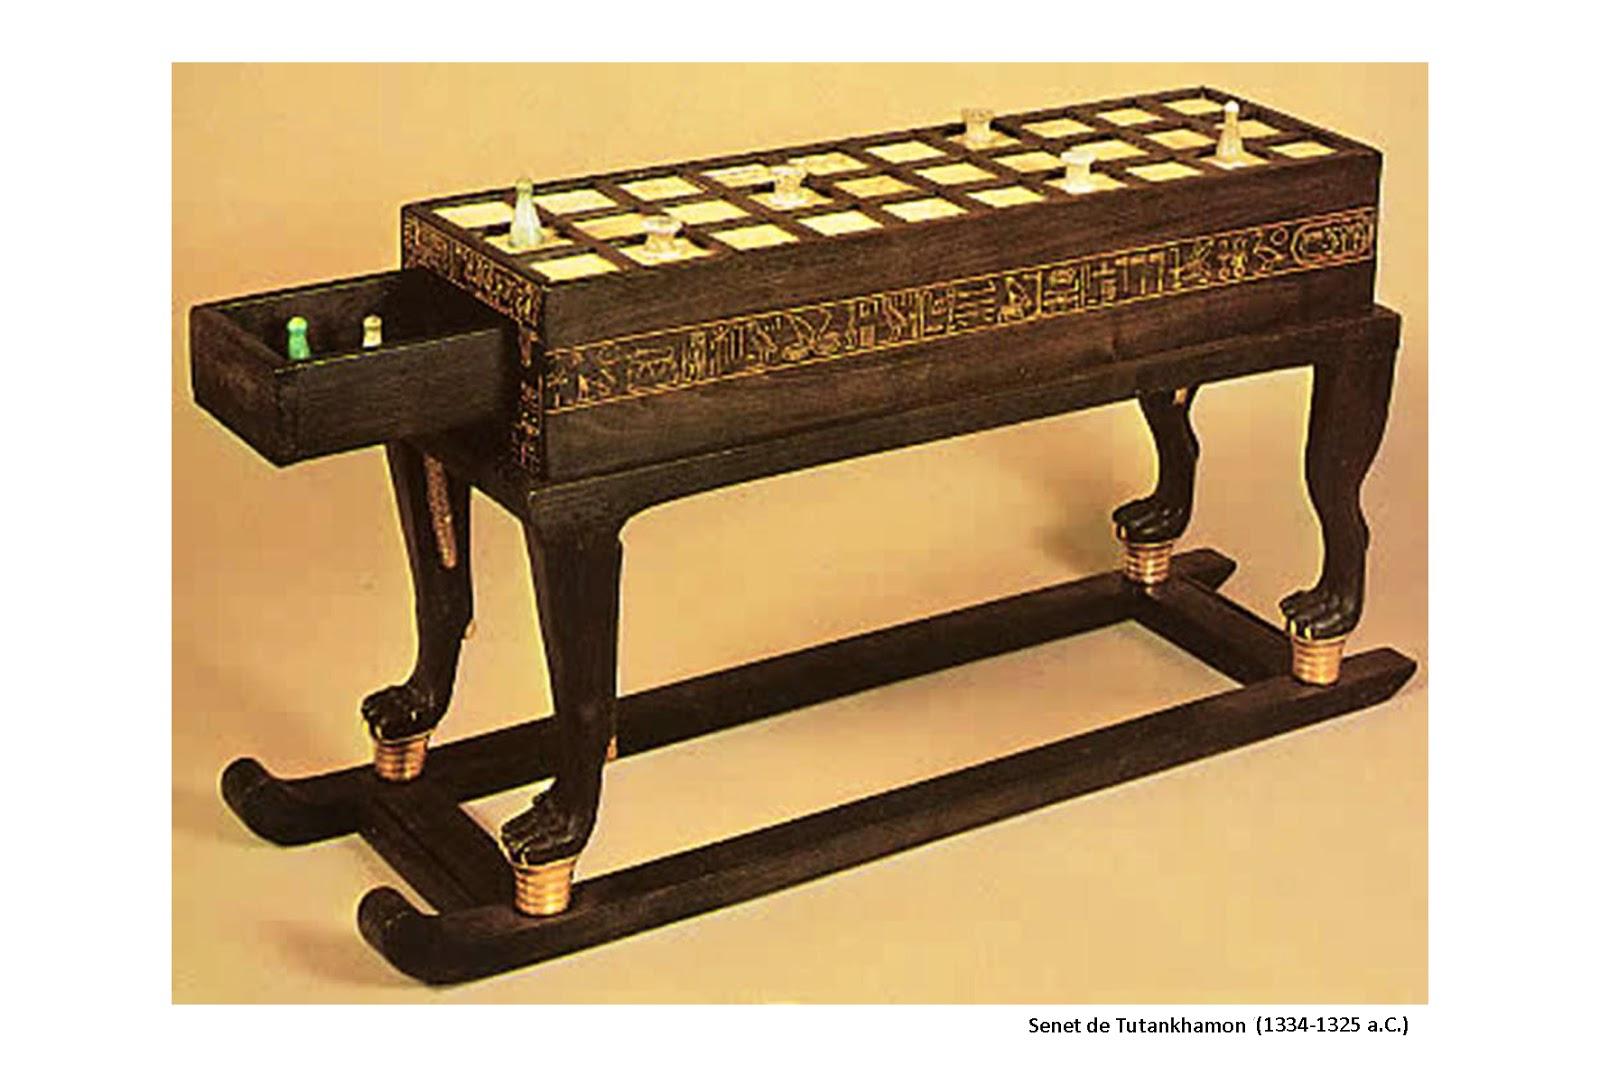 Senet de Tutankhamon (ca. 1332–1323 a.C.) - Museu Egípcio do Cairo